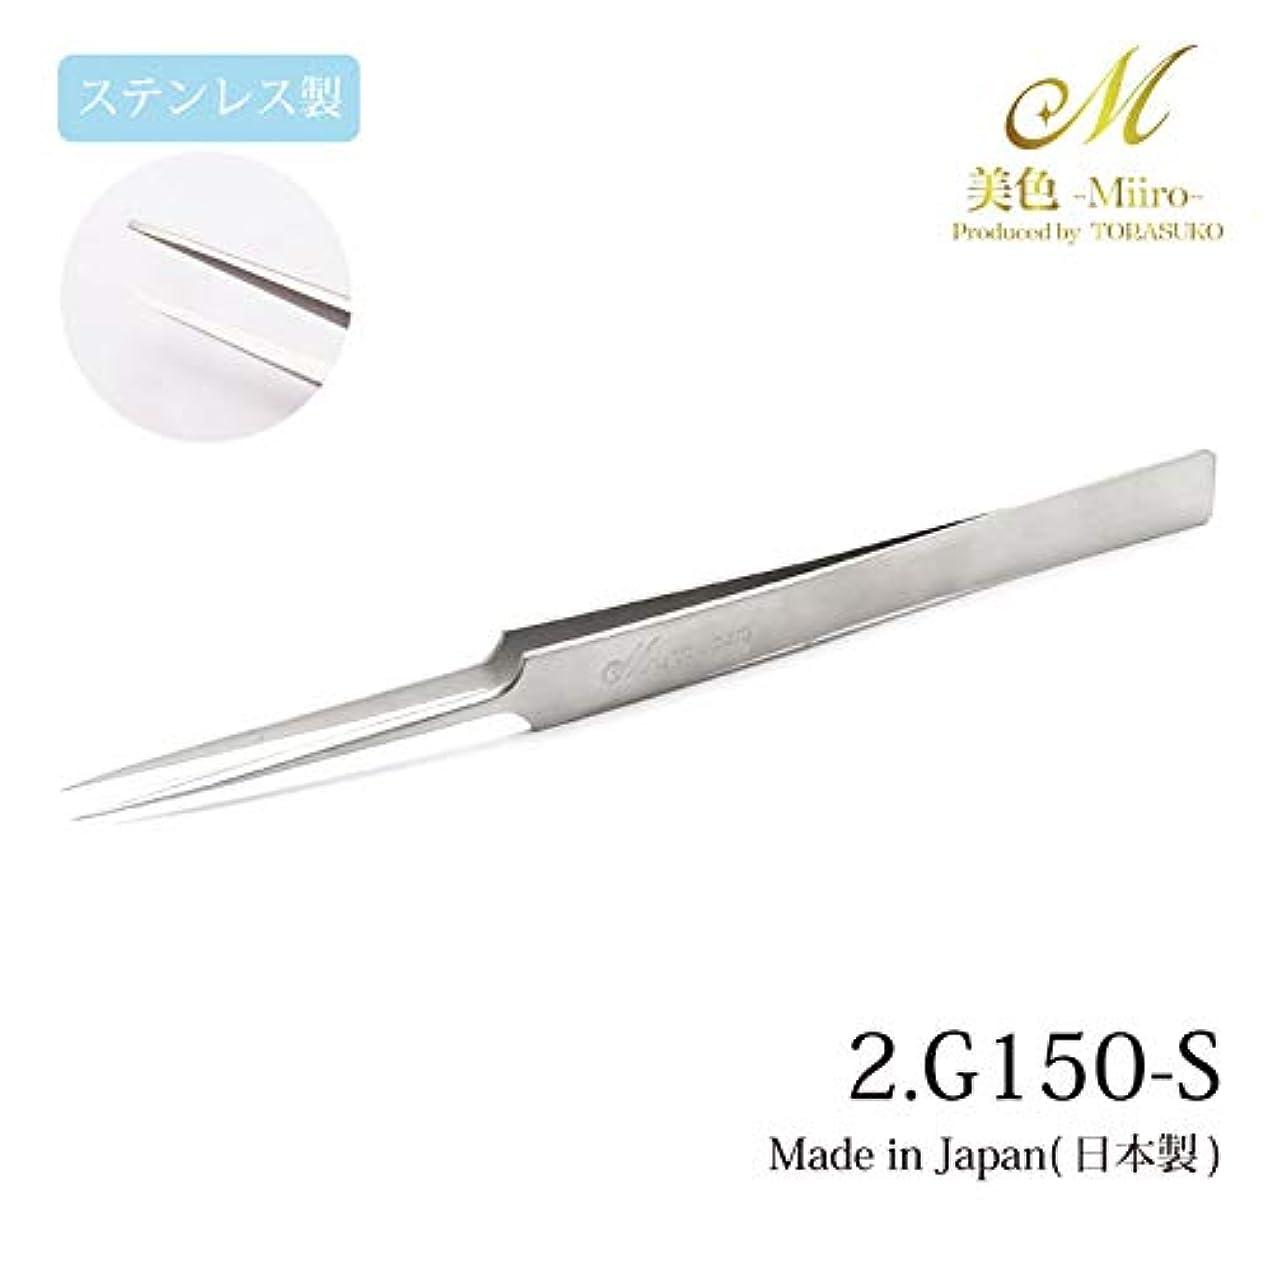 アリーナ同じ半円日本製 ツイーザー 2.G150-S